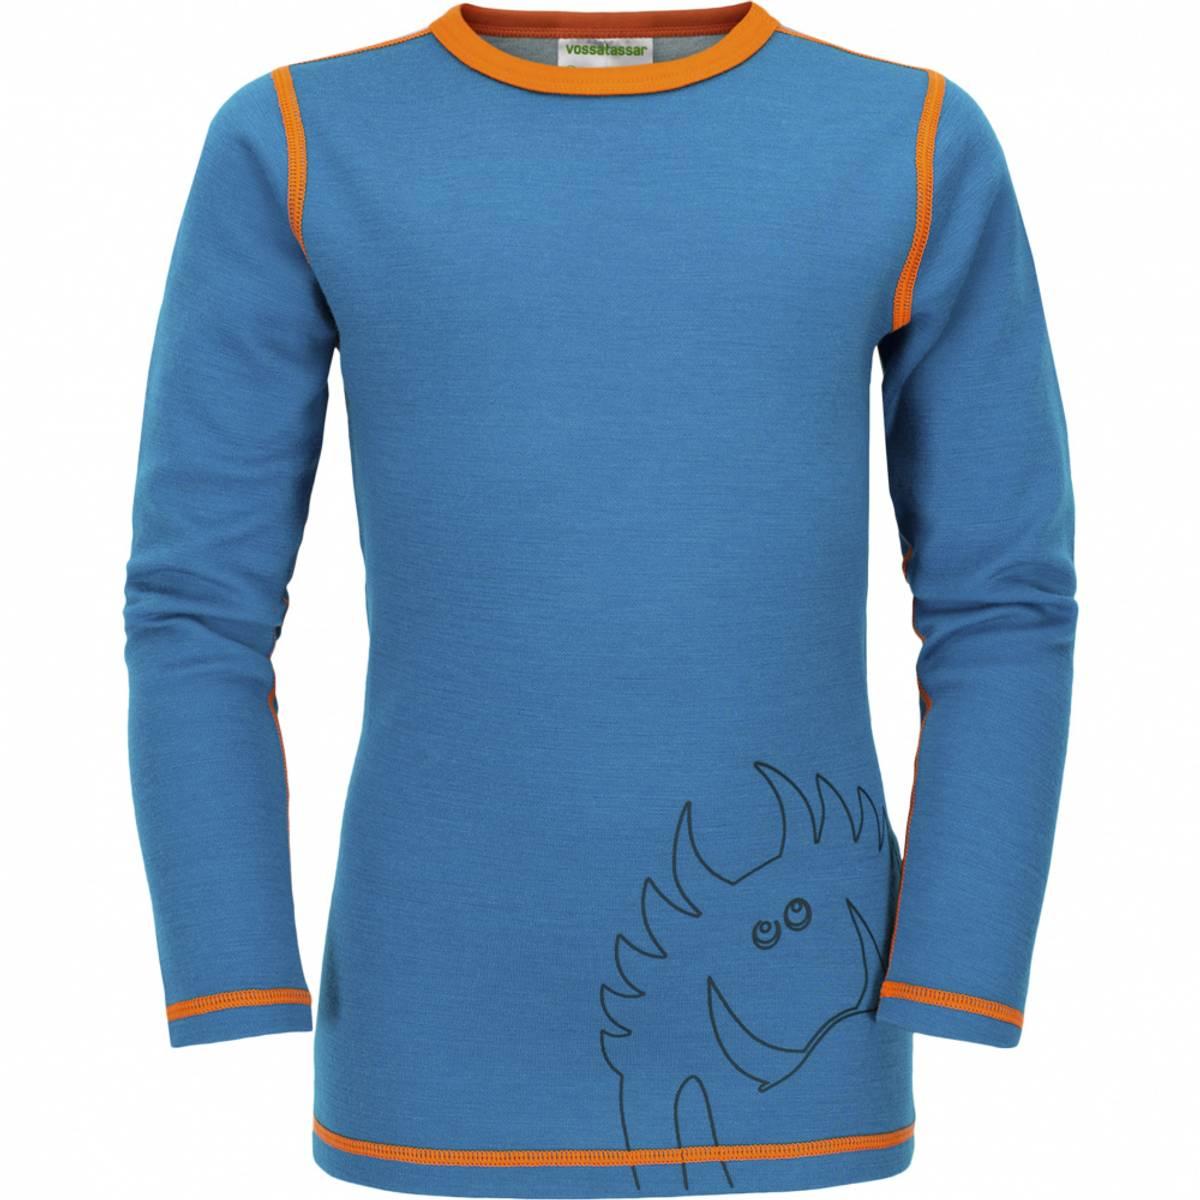 Blå Vossatassar Solid trøye